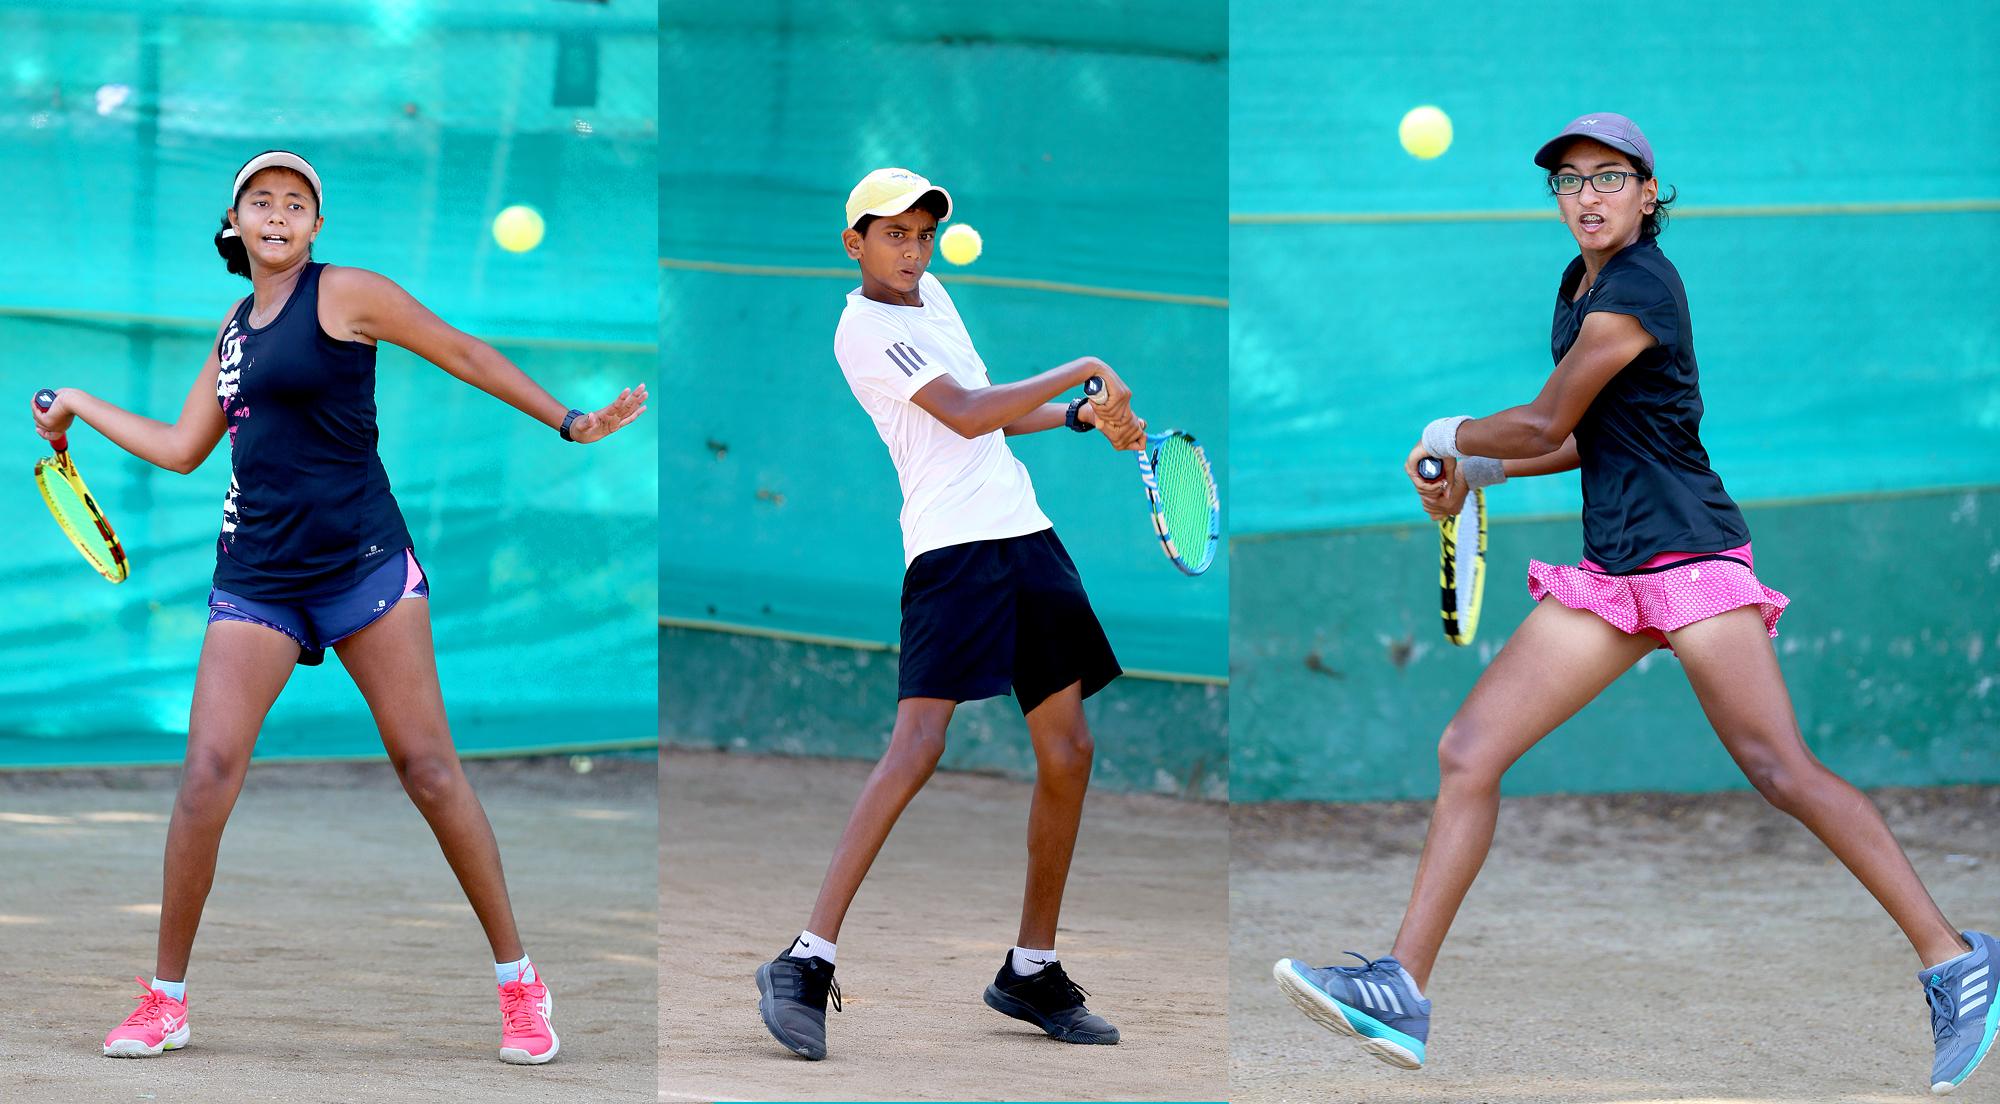 राष्ट्रीय टेनिस स्पर्धेत सिद्धार्थ मराठे,  जैष्णव शिंदे,  अधिरी अवल,  रुमा गायकैवारी यांचा मानांकीत खेळाडूंवर विजय